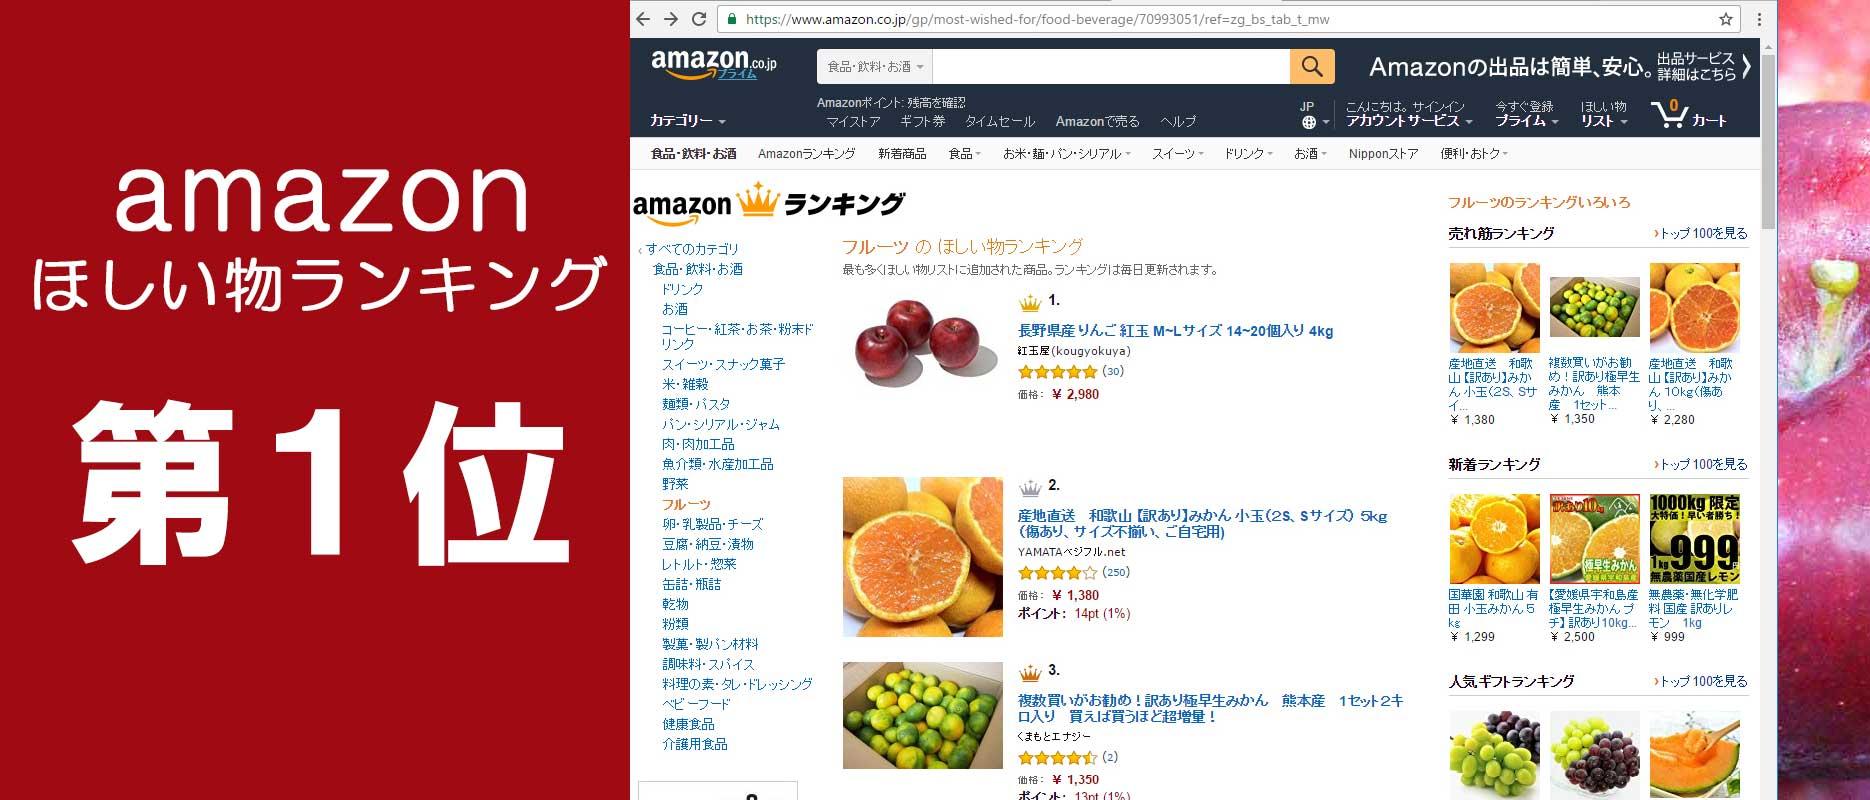 Amazonほしい物ランキング